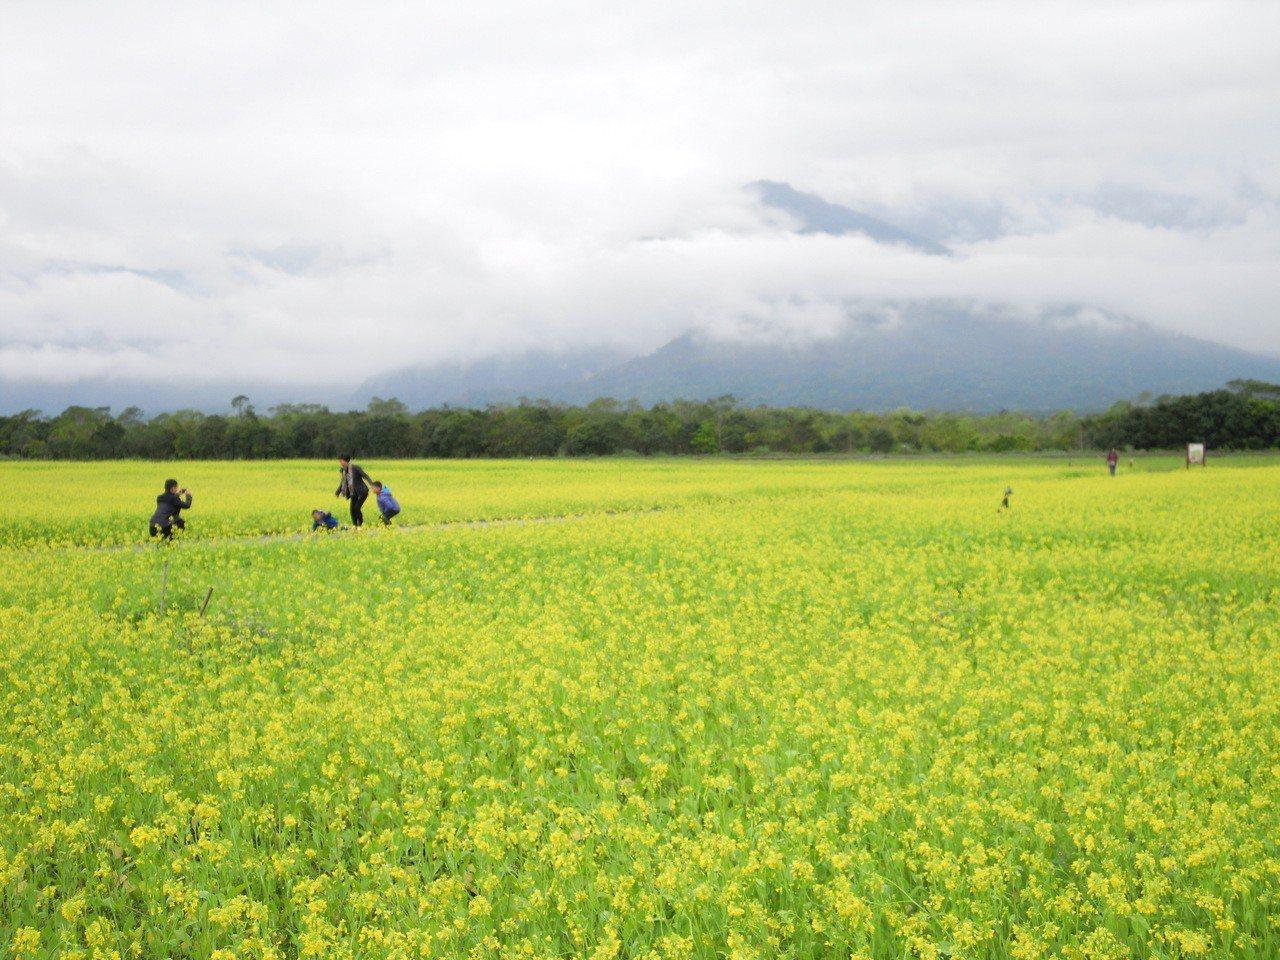 花蓮林管處春節期間在大農大富平地森林園區,打造縱谷最大的花海。記者王燕華/翻攝